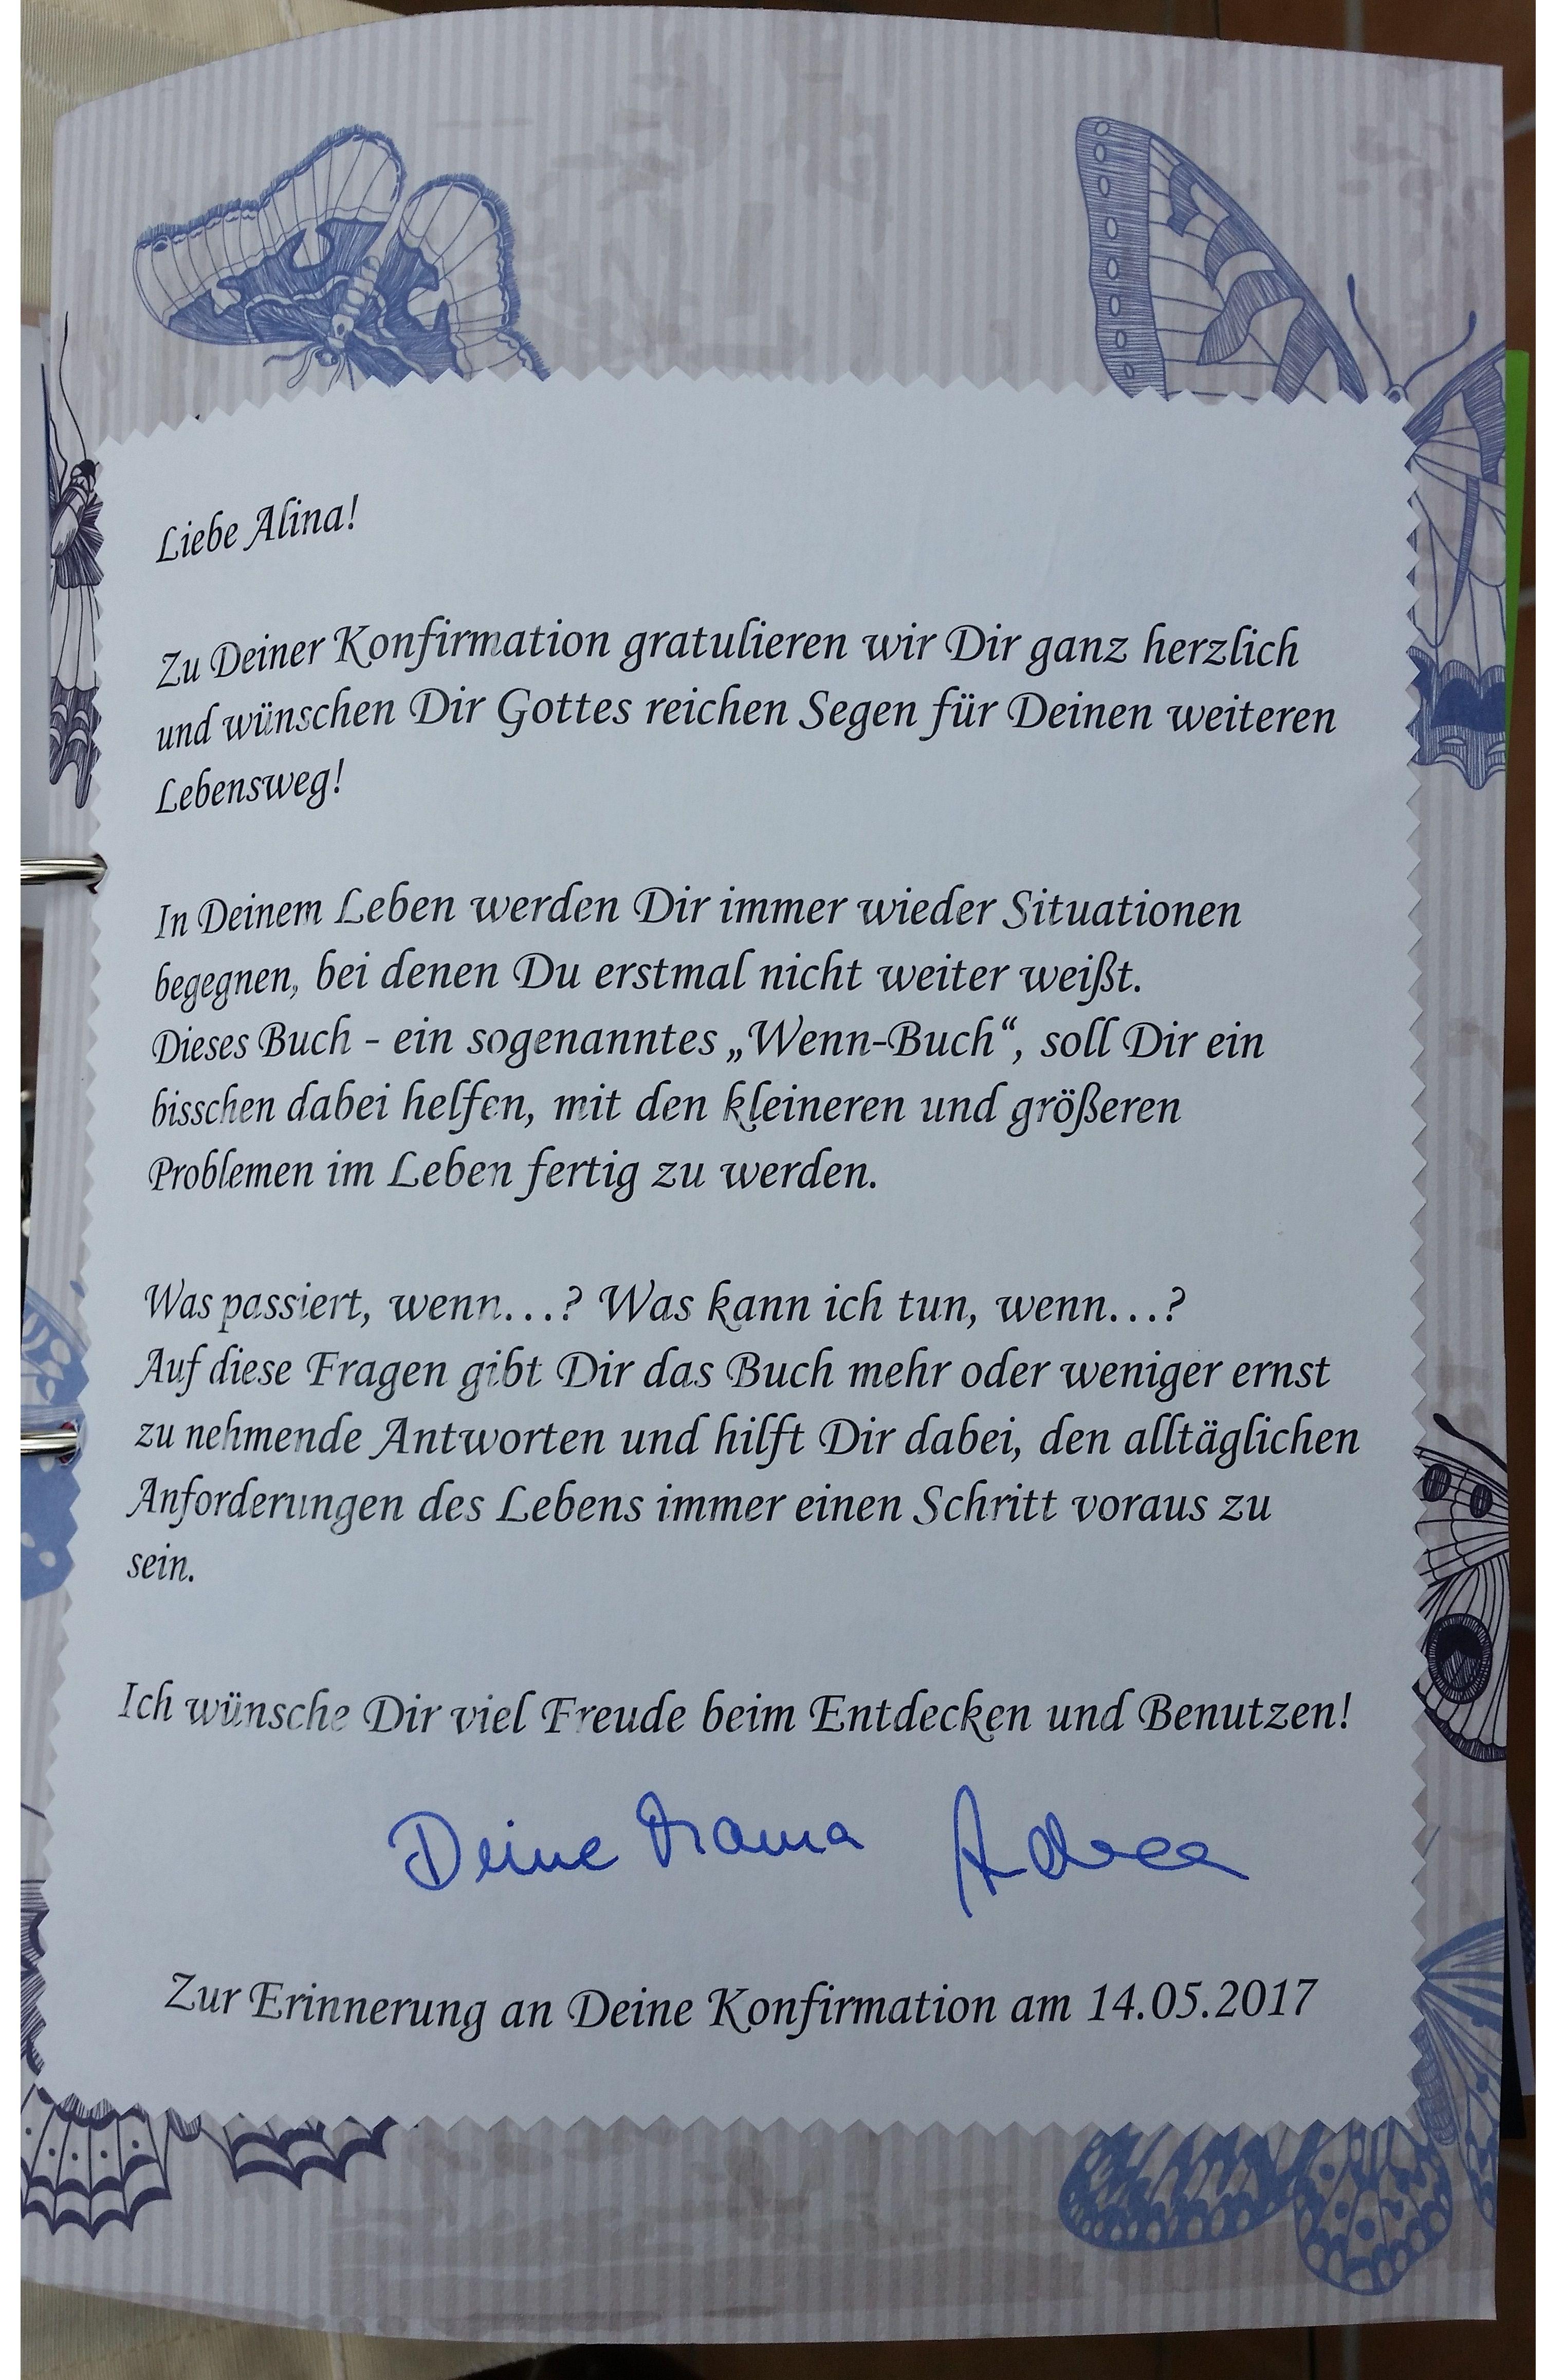 Deckblatt mit Erklärungen zum Wenn-Buch. | wenn-buch | Pinterest ...